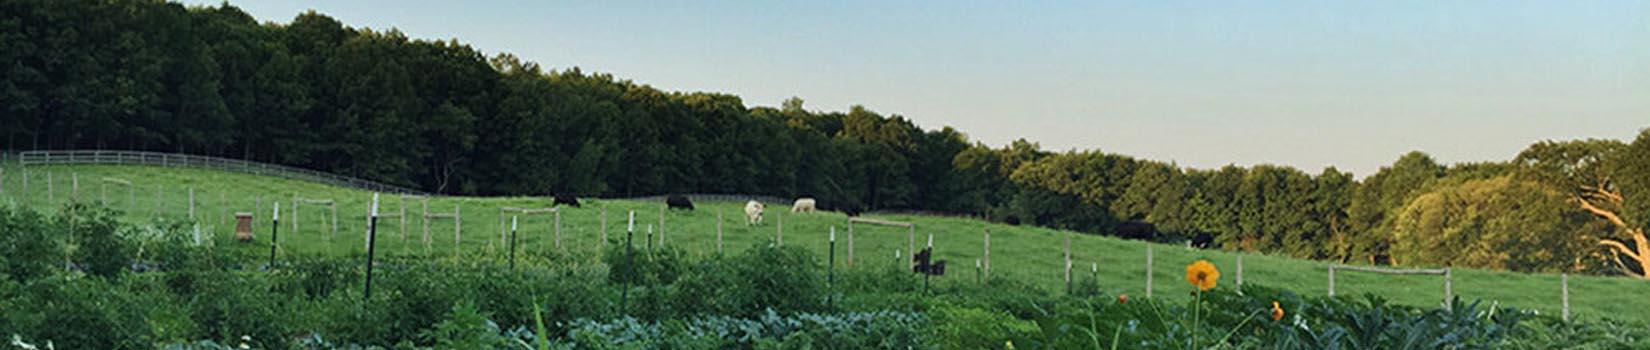 Sky High Farm